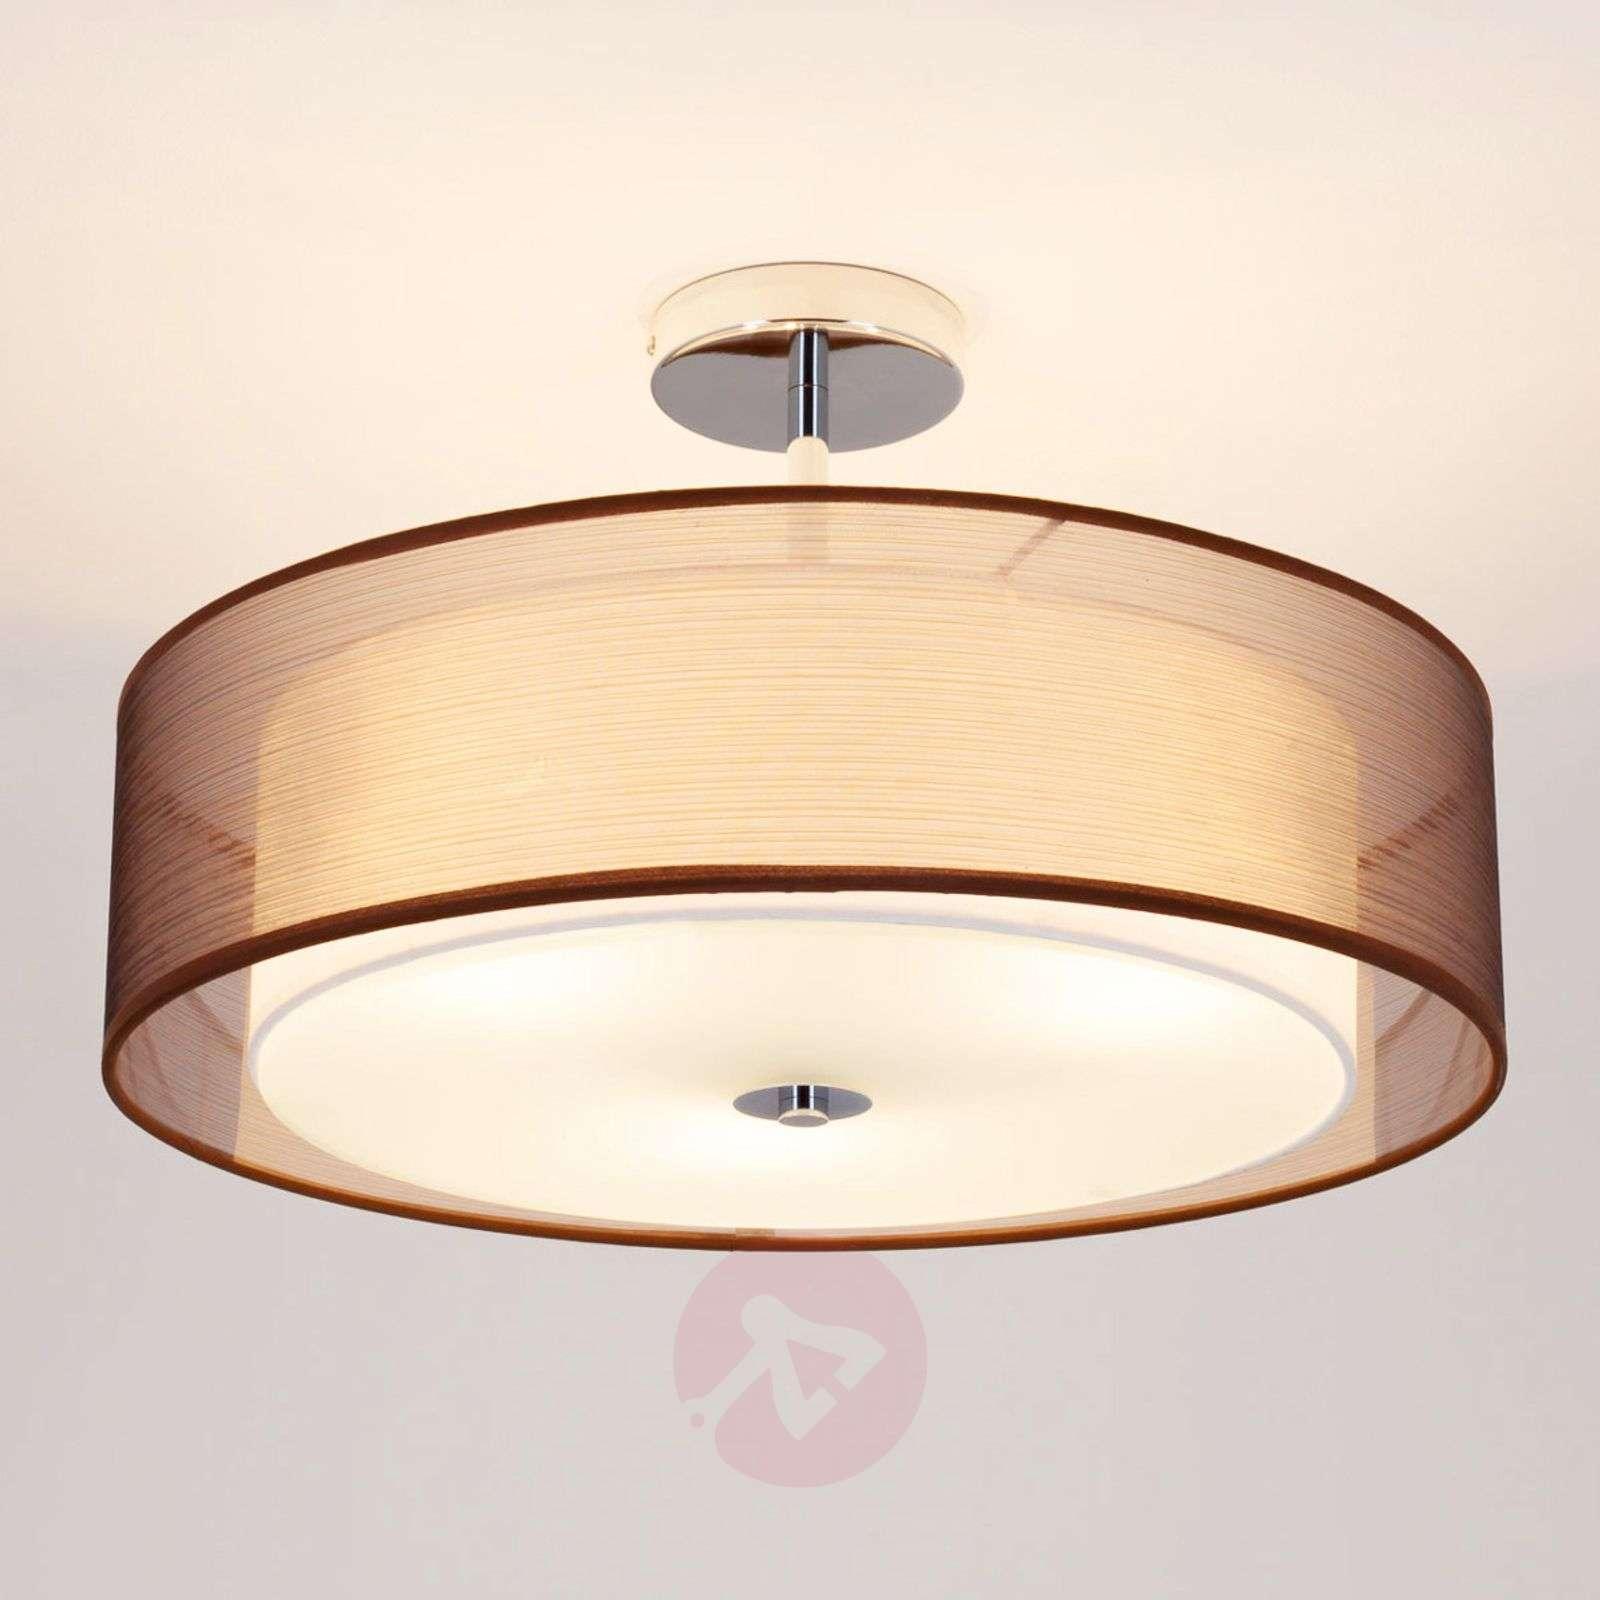 LED-kattovalaisin Pikka, ruskea varjostin-9620152-01